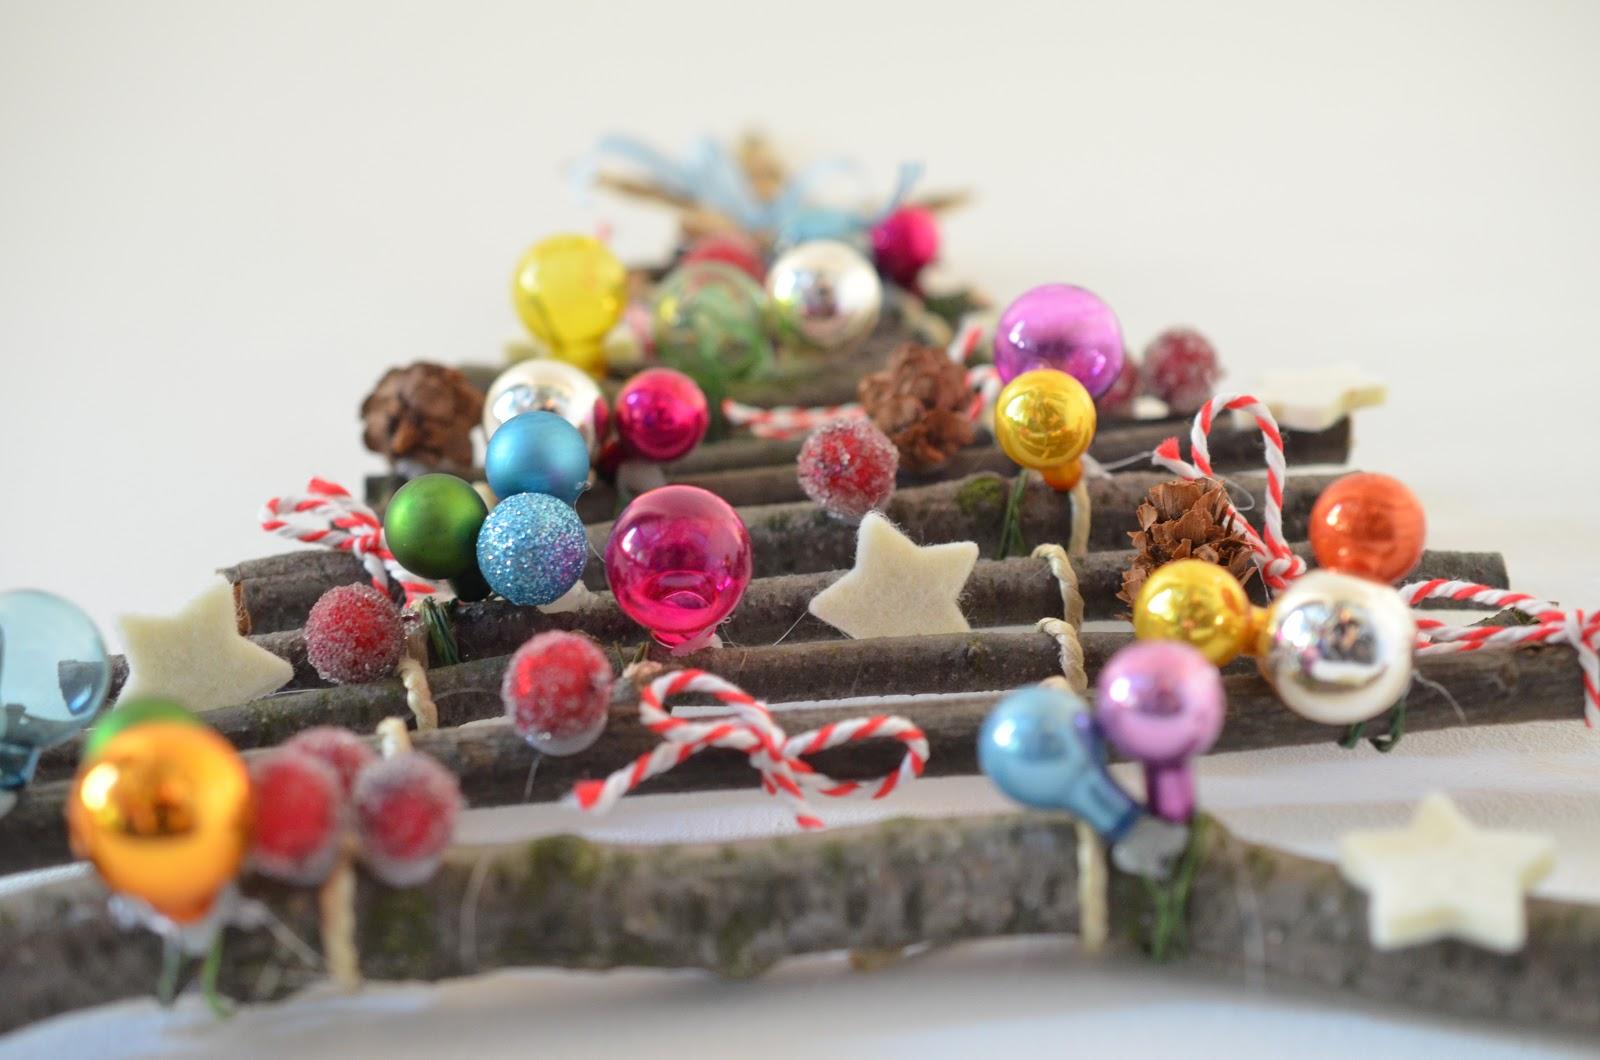 Weihnachtsmarkt – Die lustige Adventszeit Lustige Bilder  - bilder weihnachtsbaum lustig